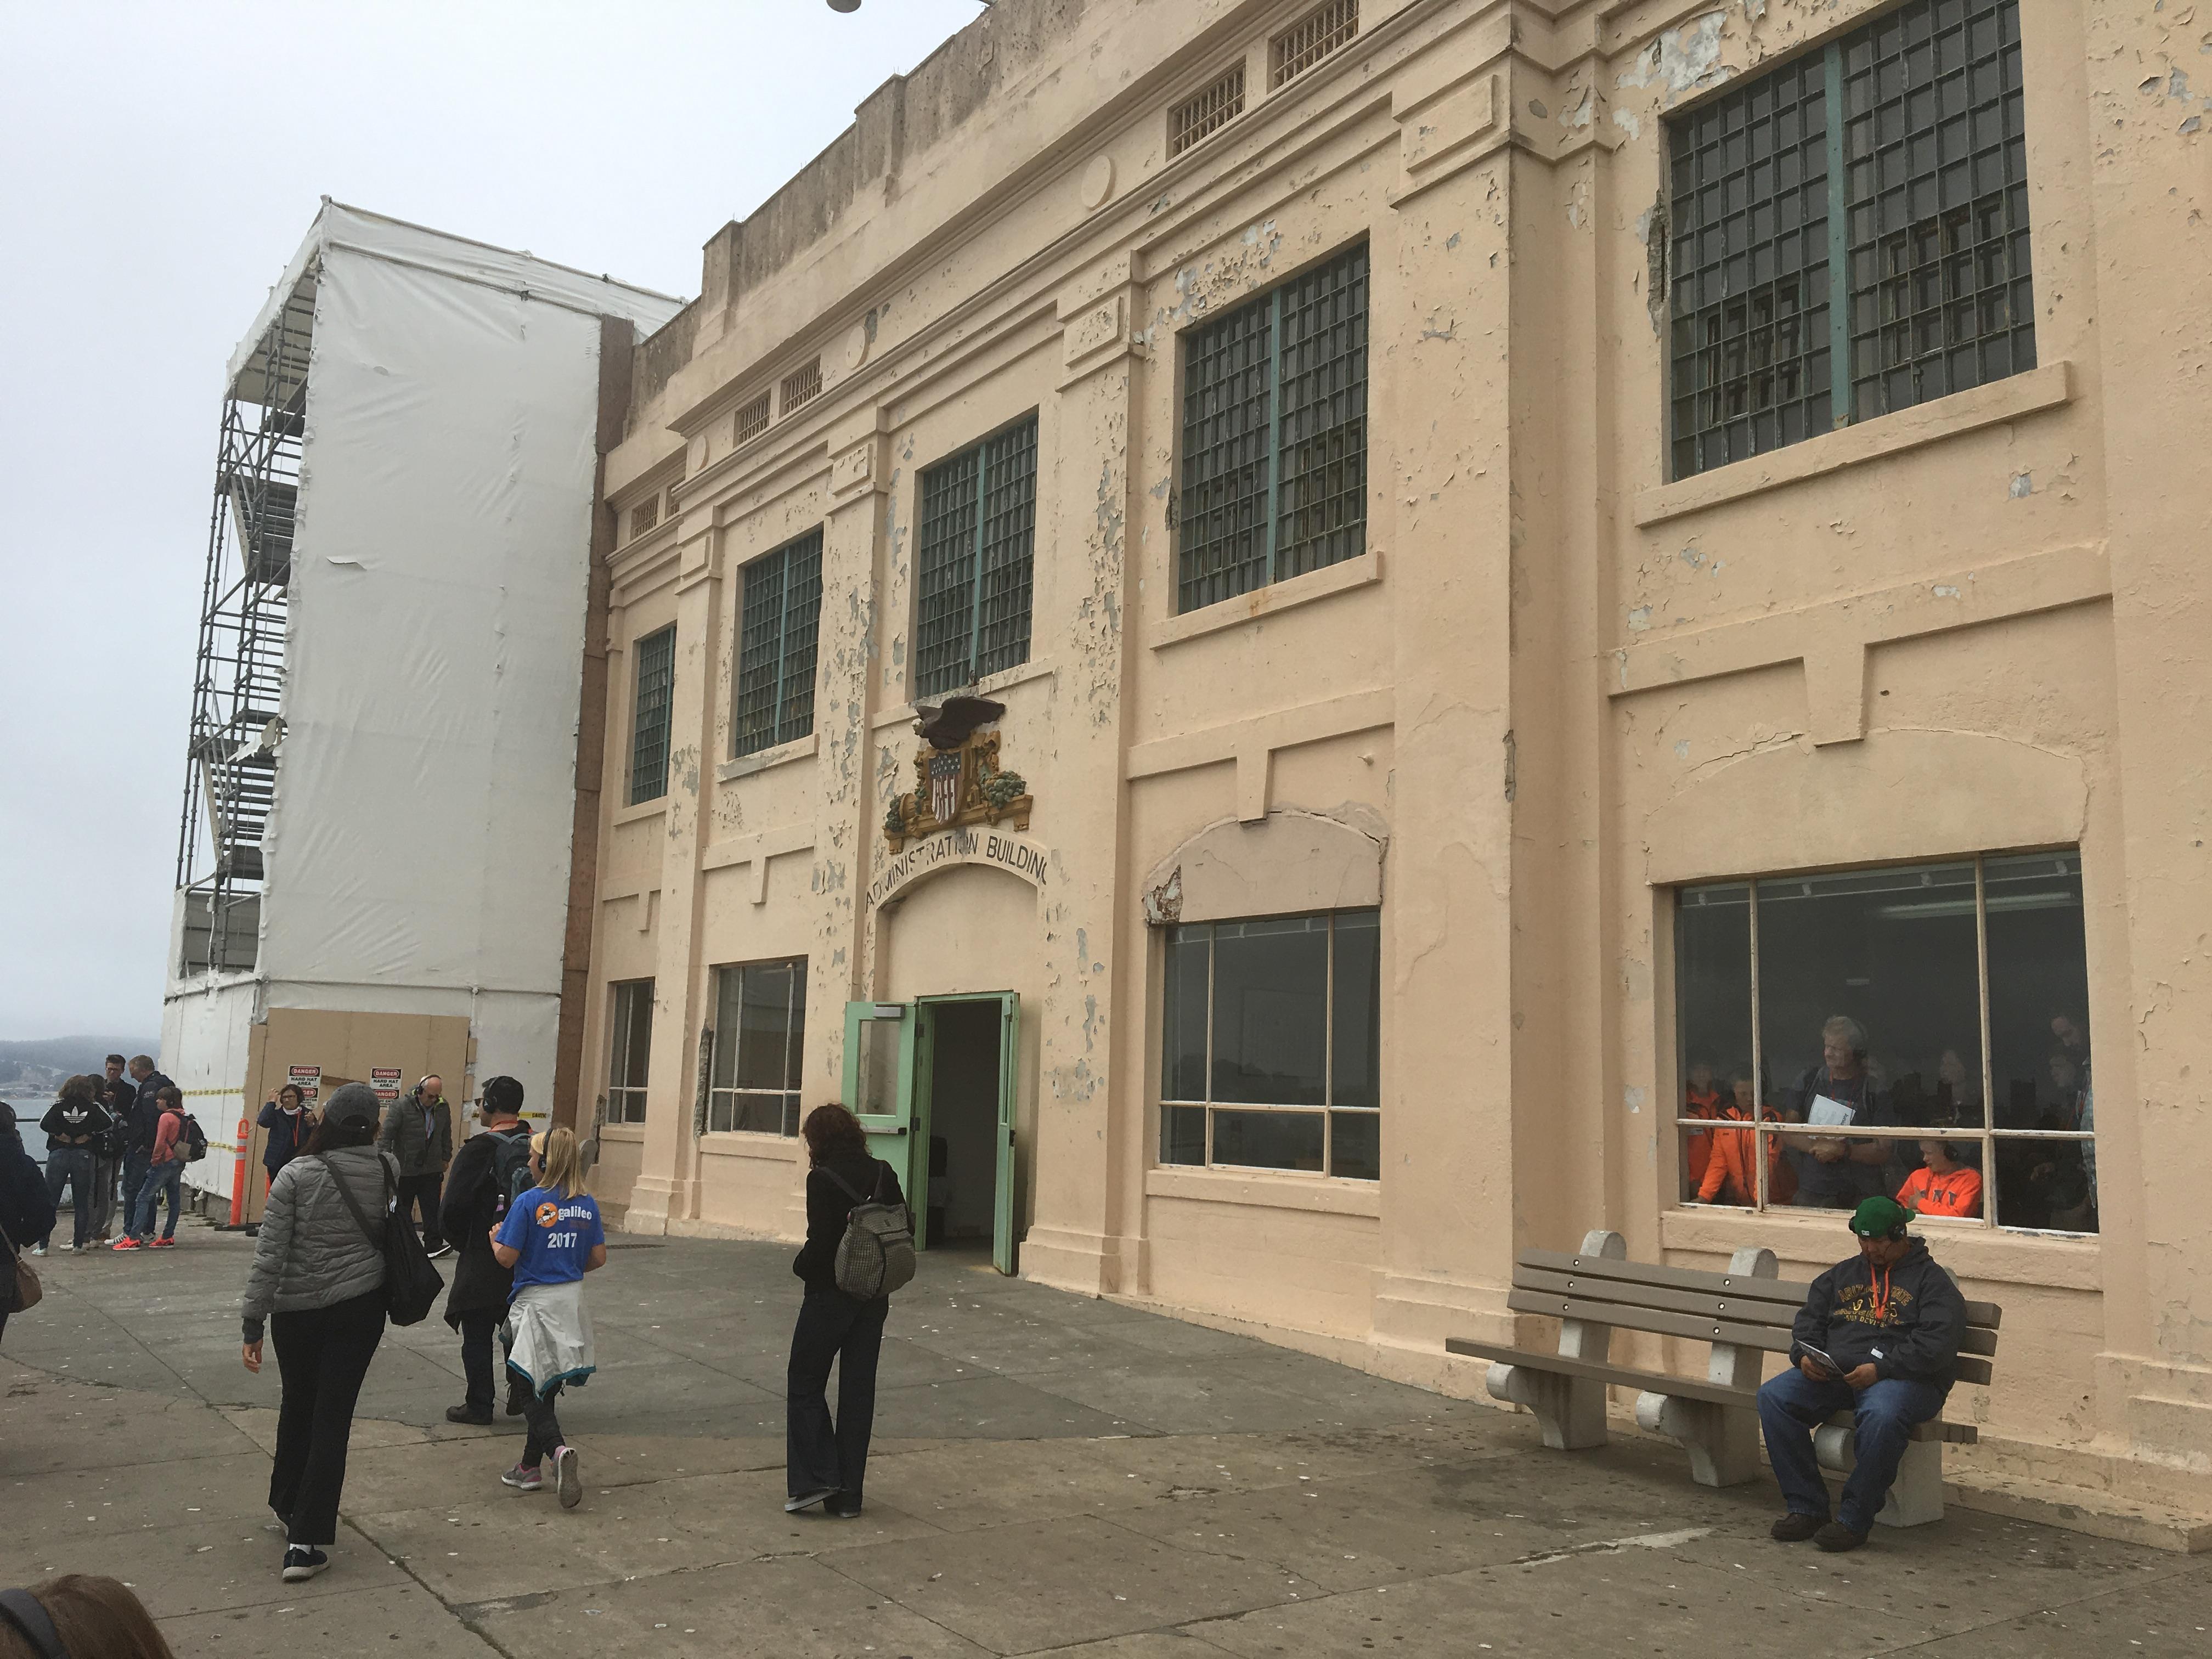 Wejście do głównego budynku więzienia